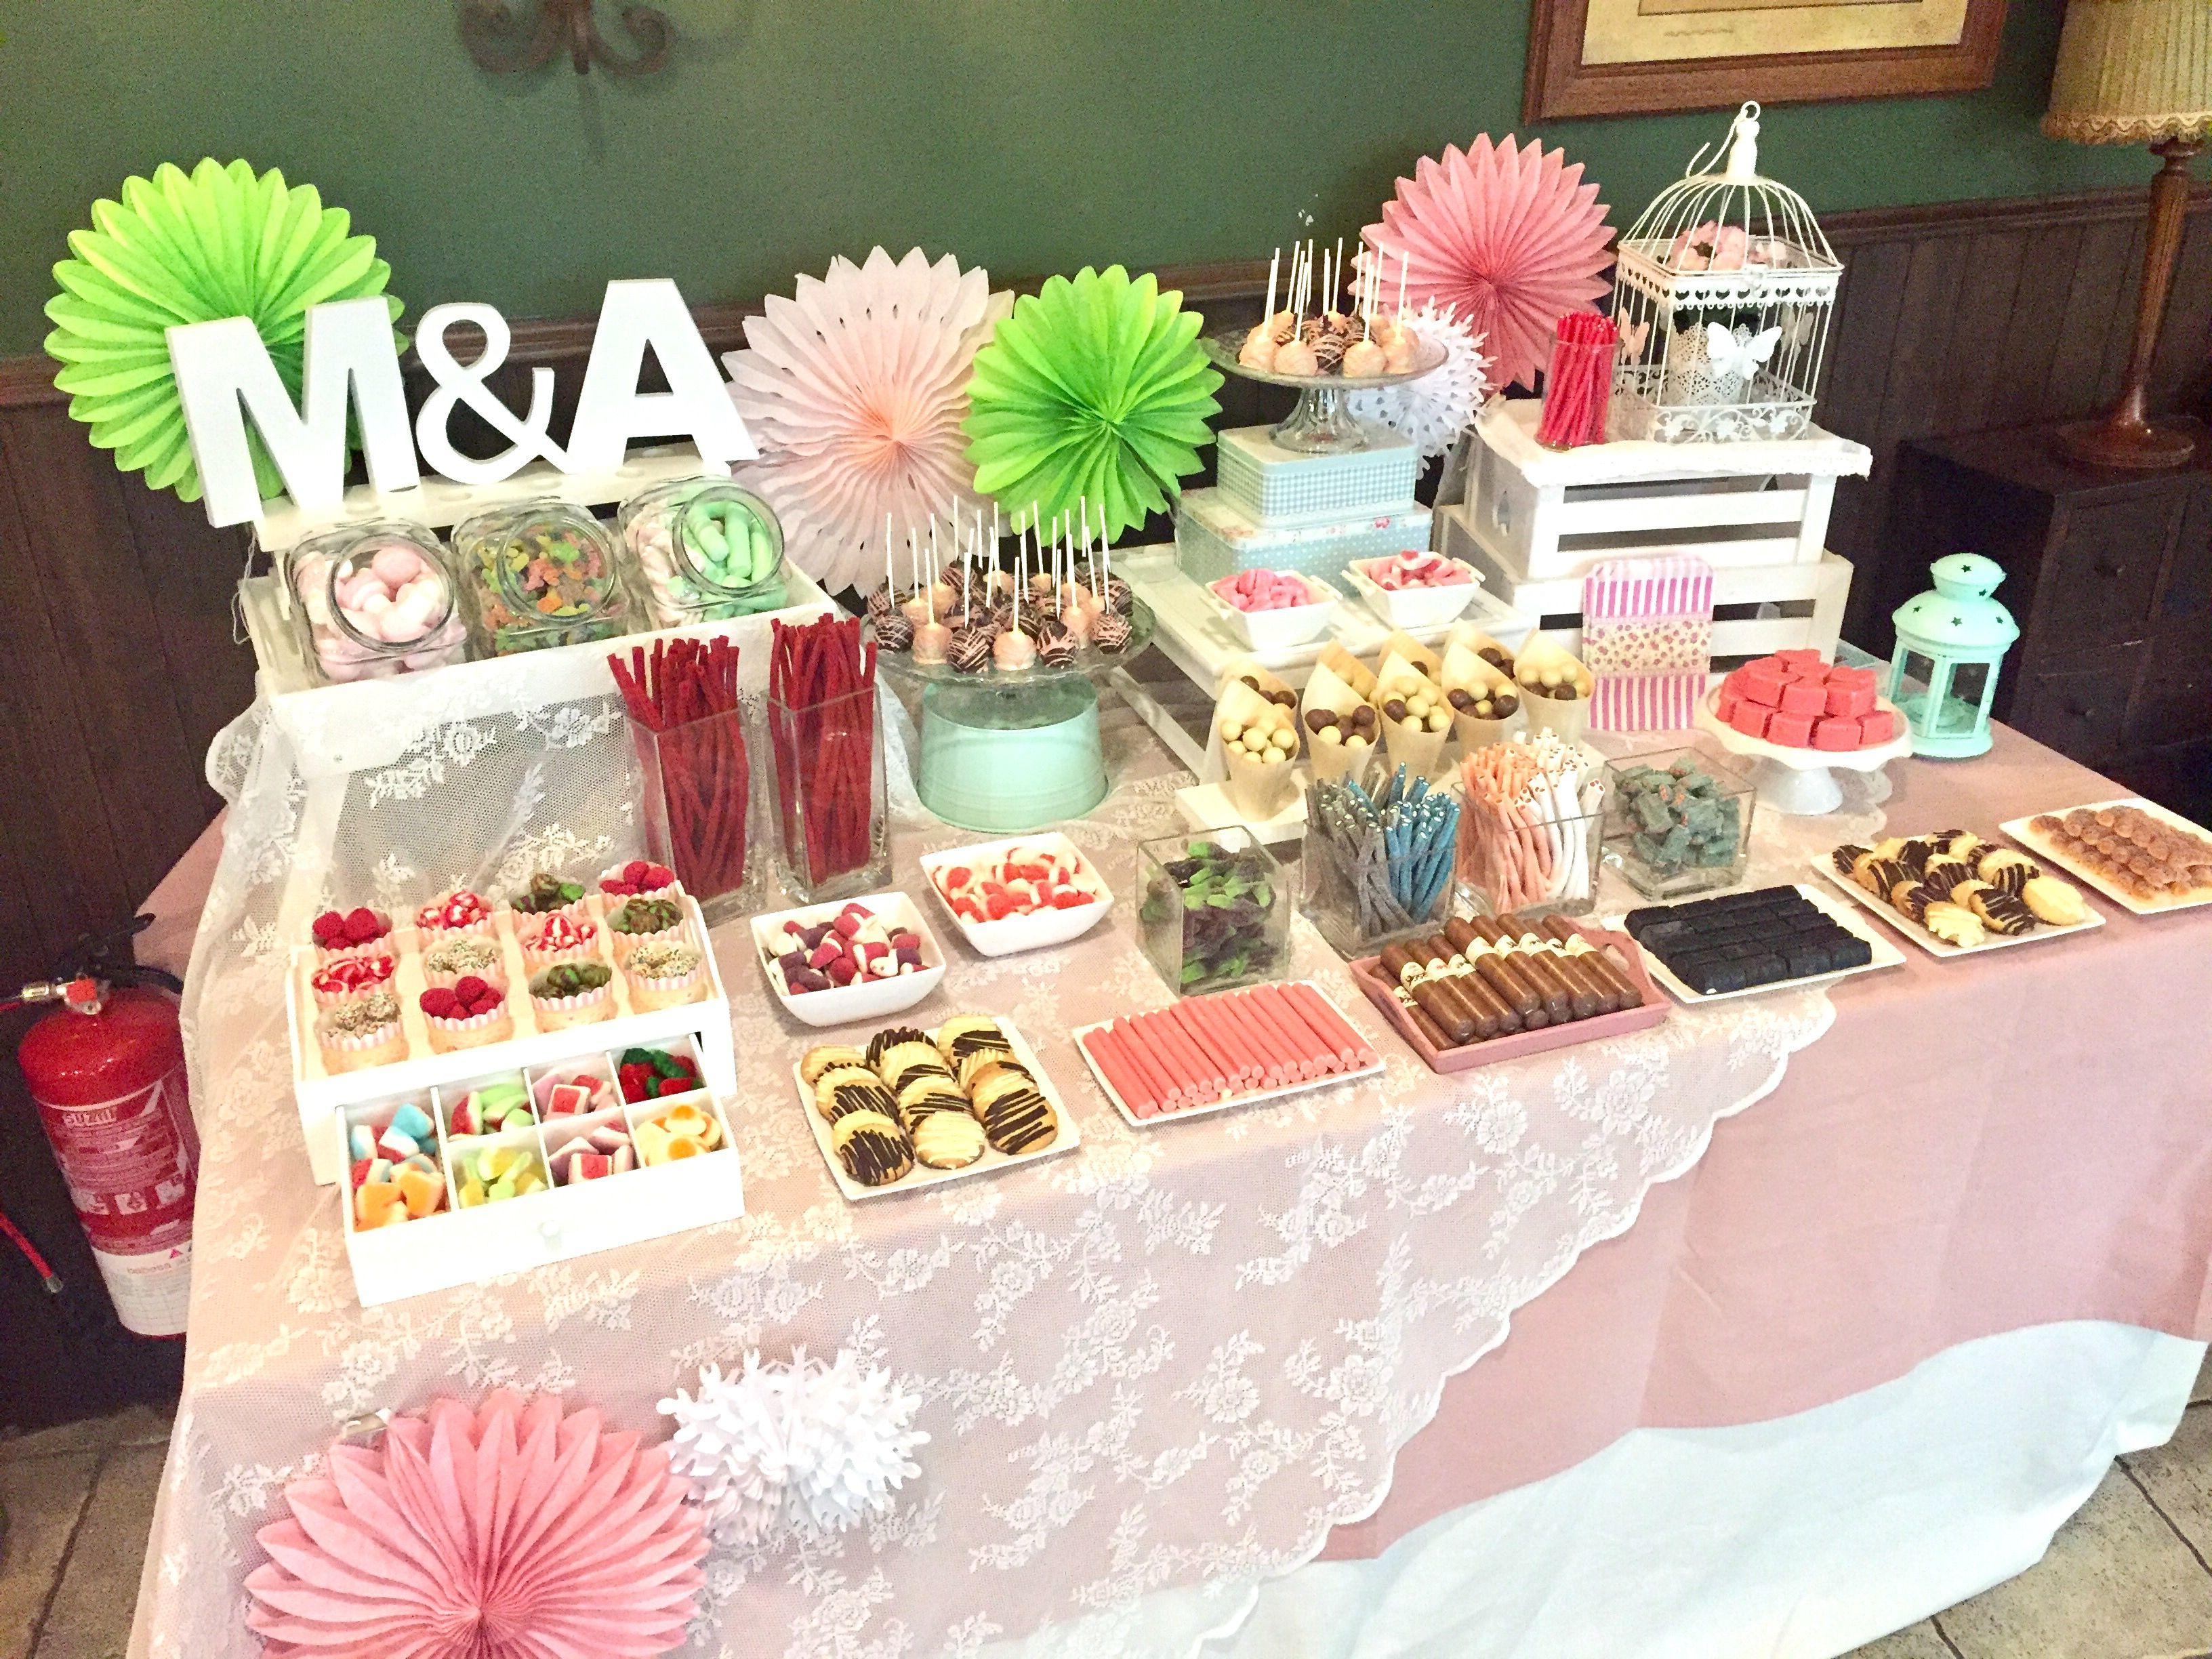 Candy bar bodas mesa de dulces boda mesas dulces - Ideas decoracion bar ...